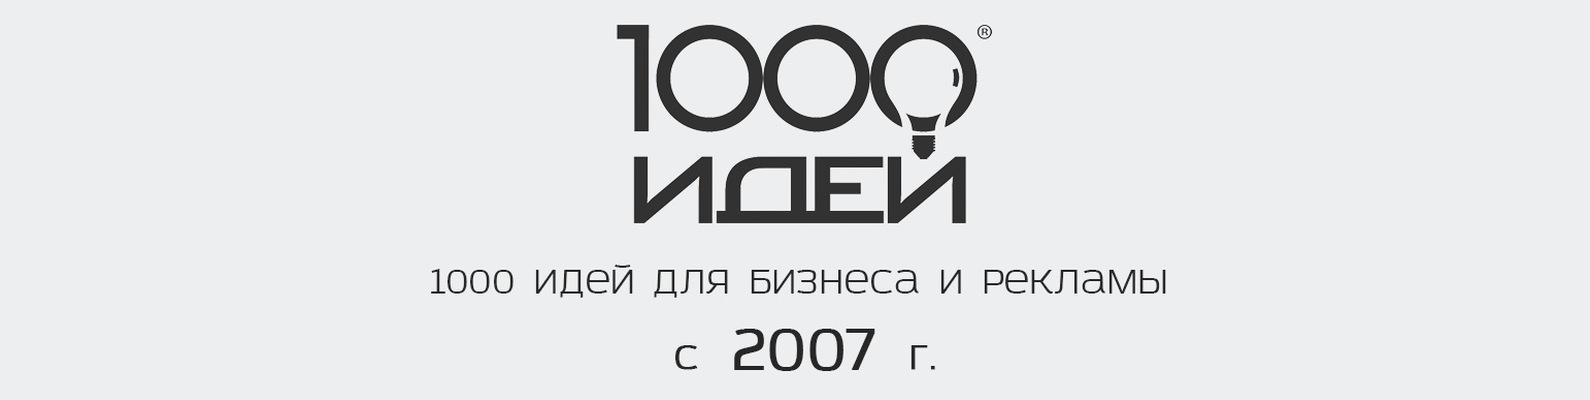 1000 бизнес идей рекламы бизнес план международных перевозок